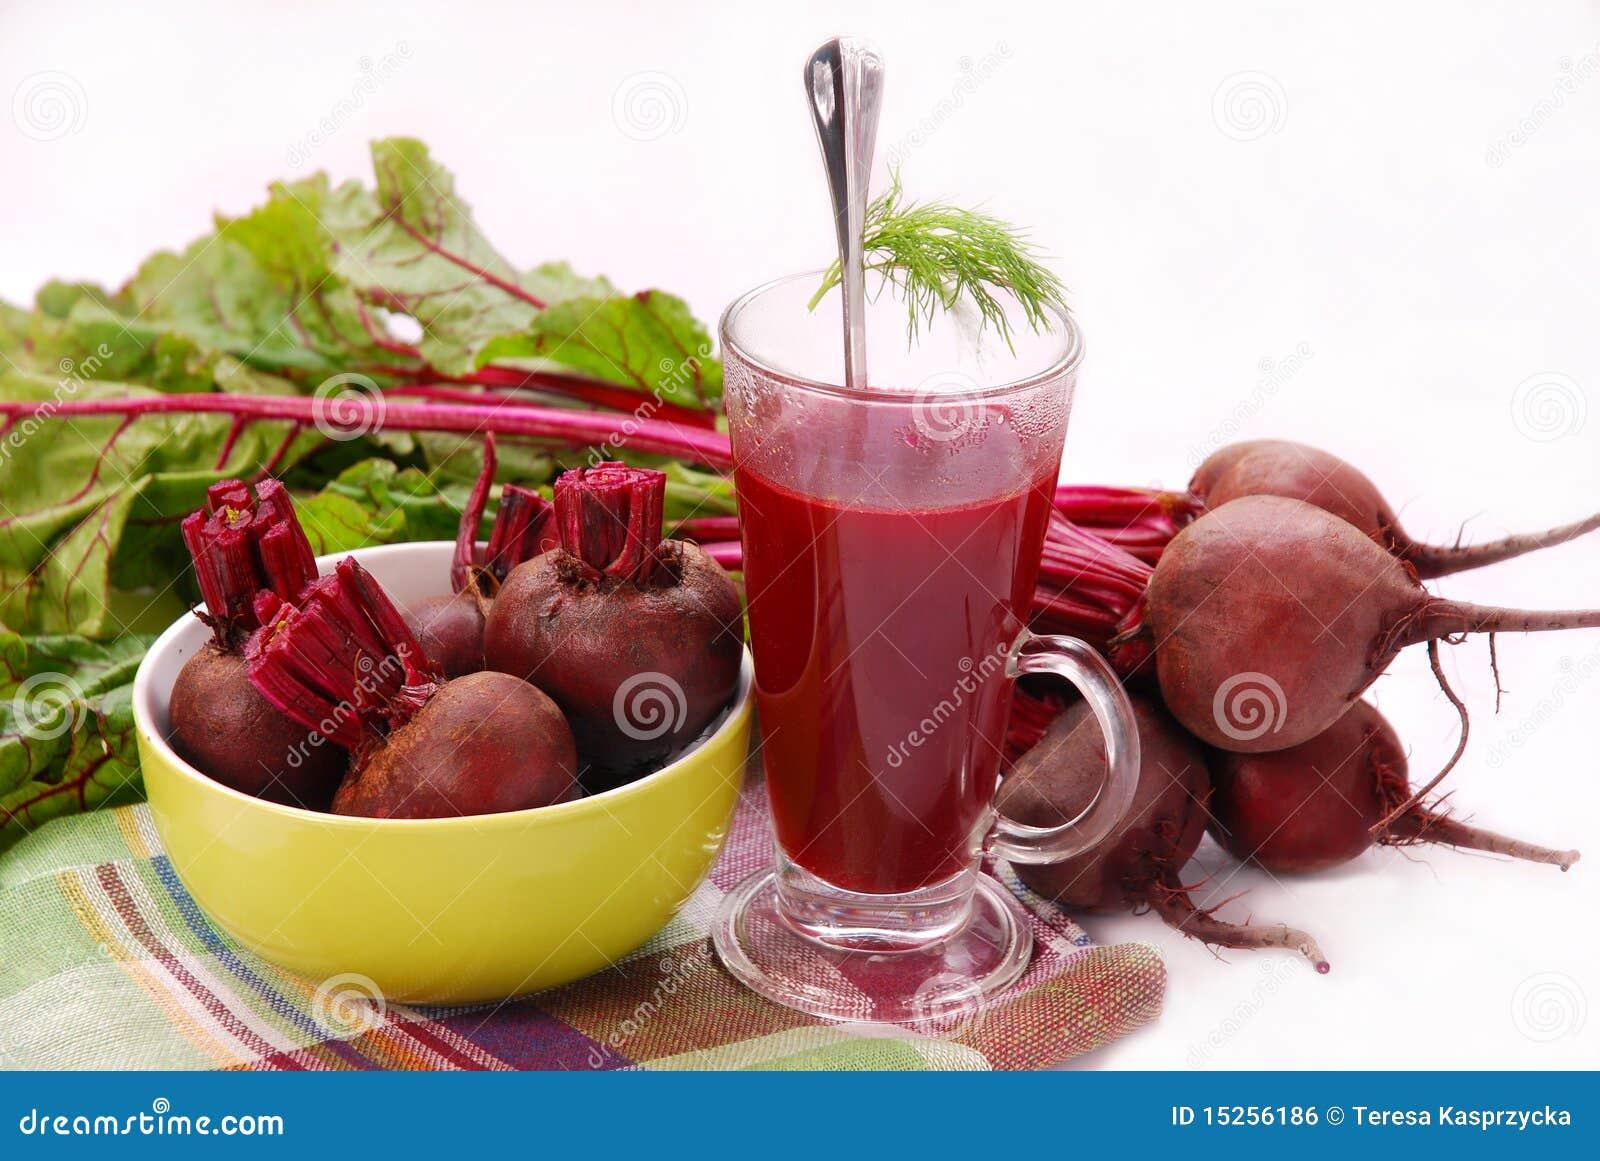 Frische rote Rüben mit Blättern und freier Suppe